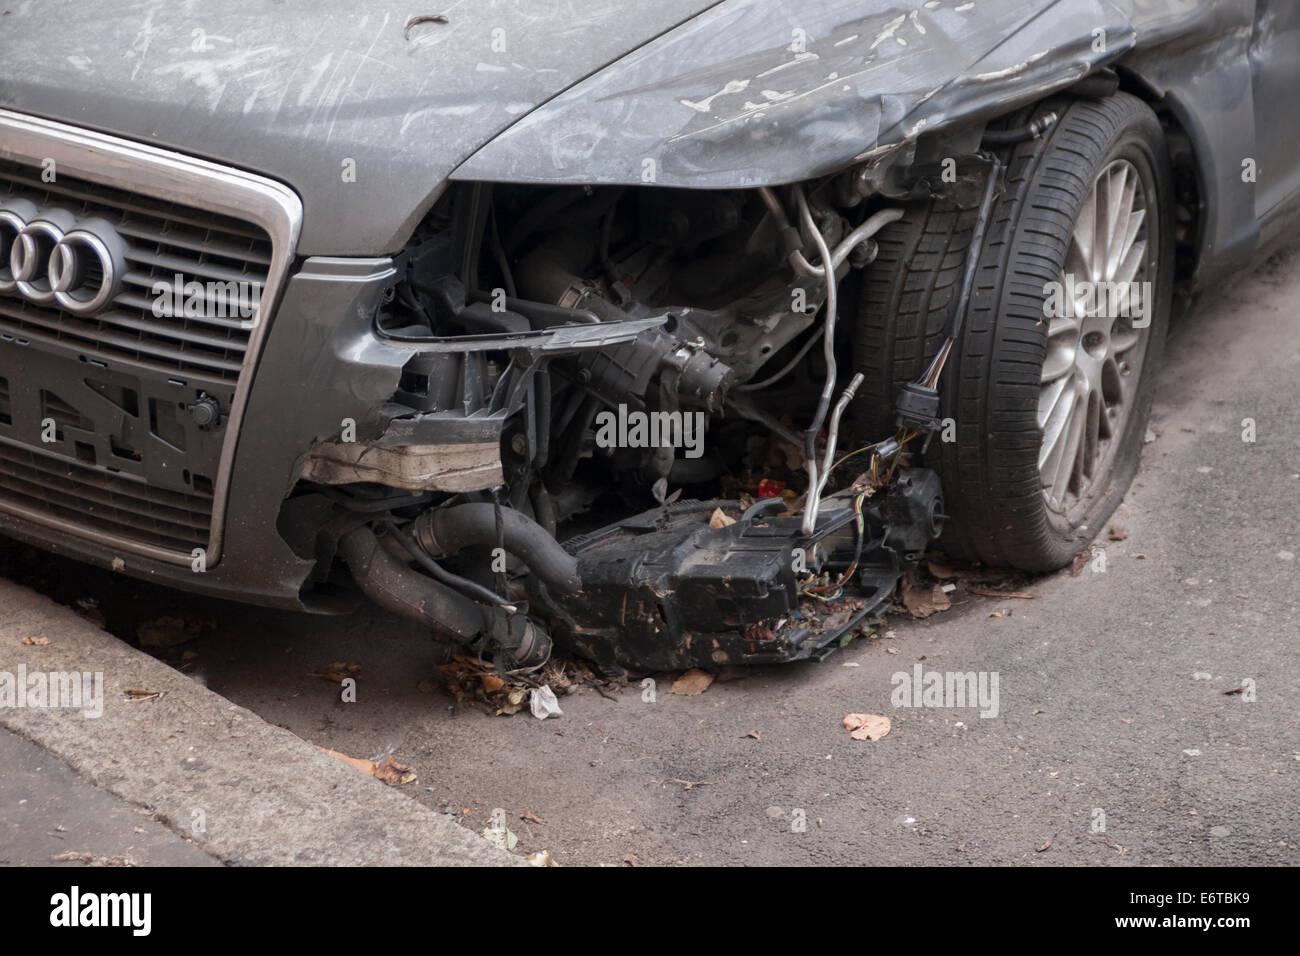 Crashed car. Stock Photo